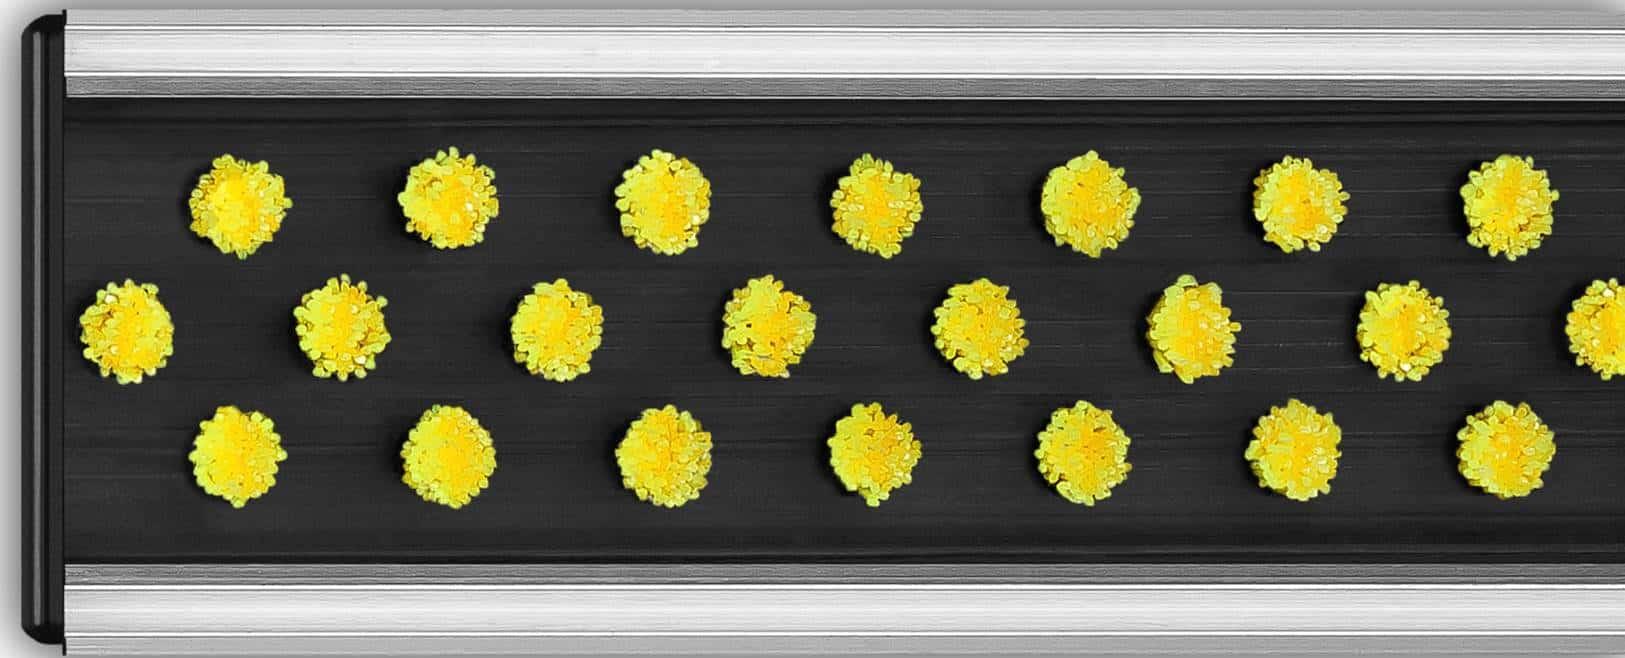 Wycieraczka aluminiowa-szczotkowa_żółta